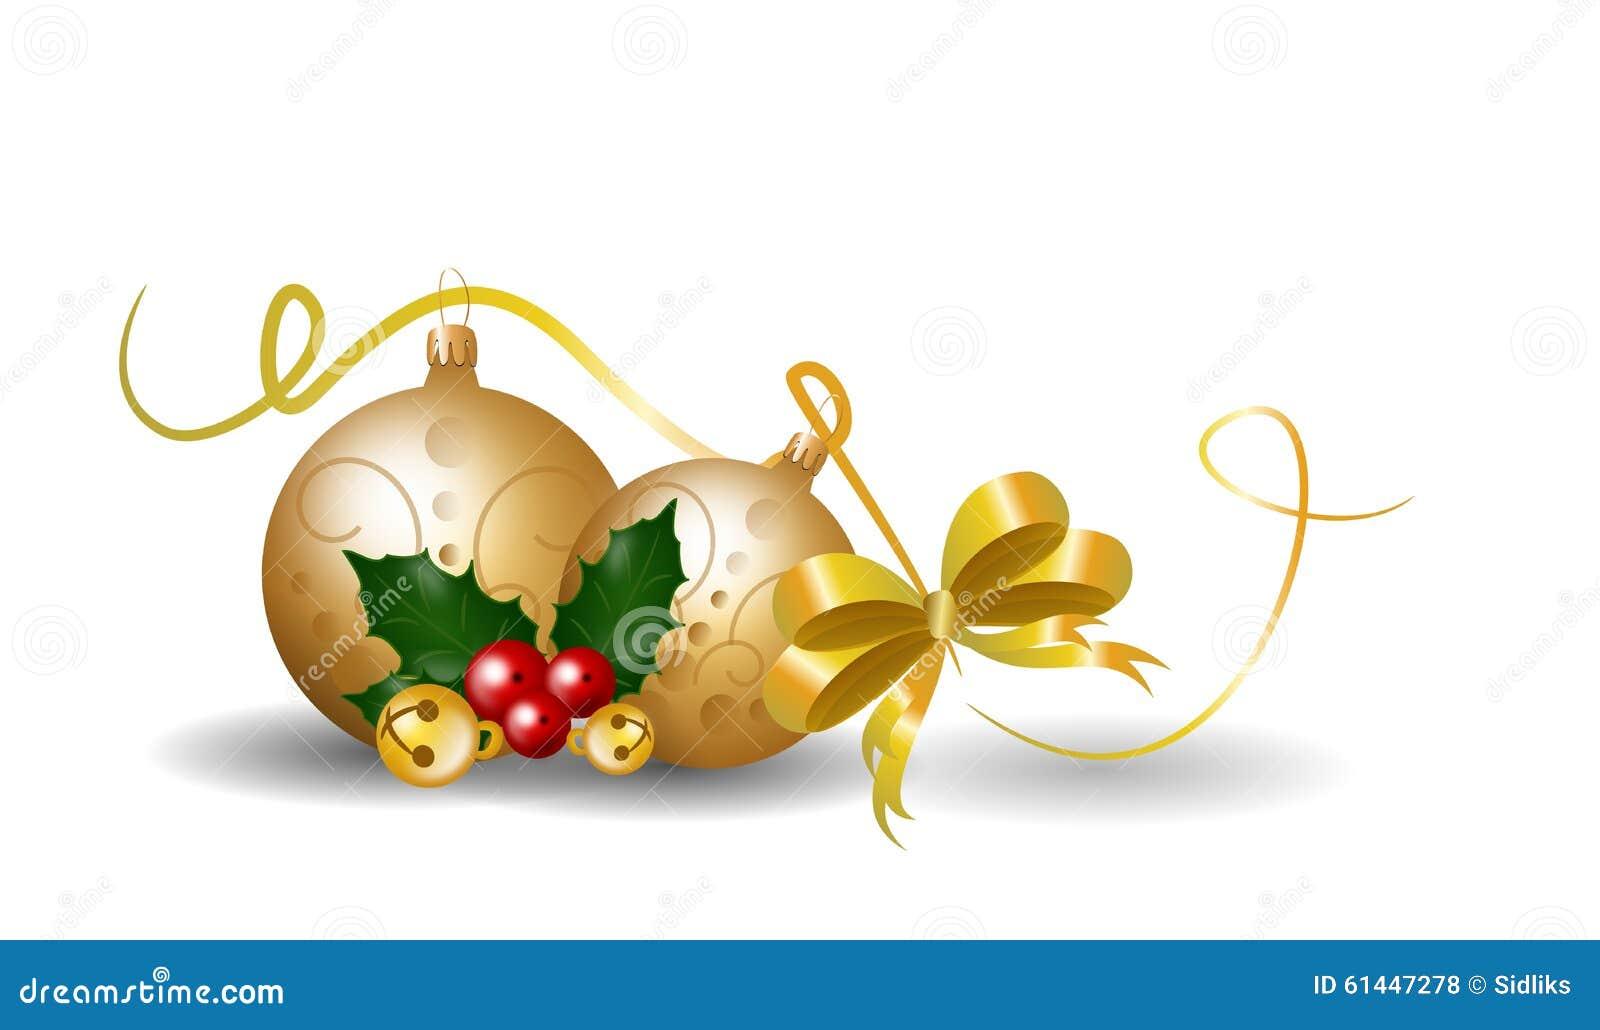 De decoratie van kerstmisbollen stock illustratie afbeelding 61447278 - Decoratie van de villas ...